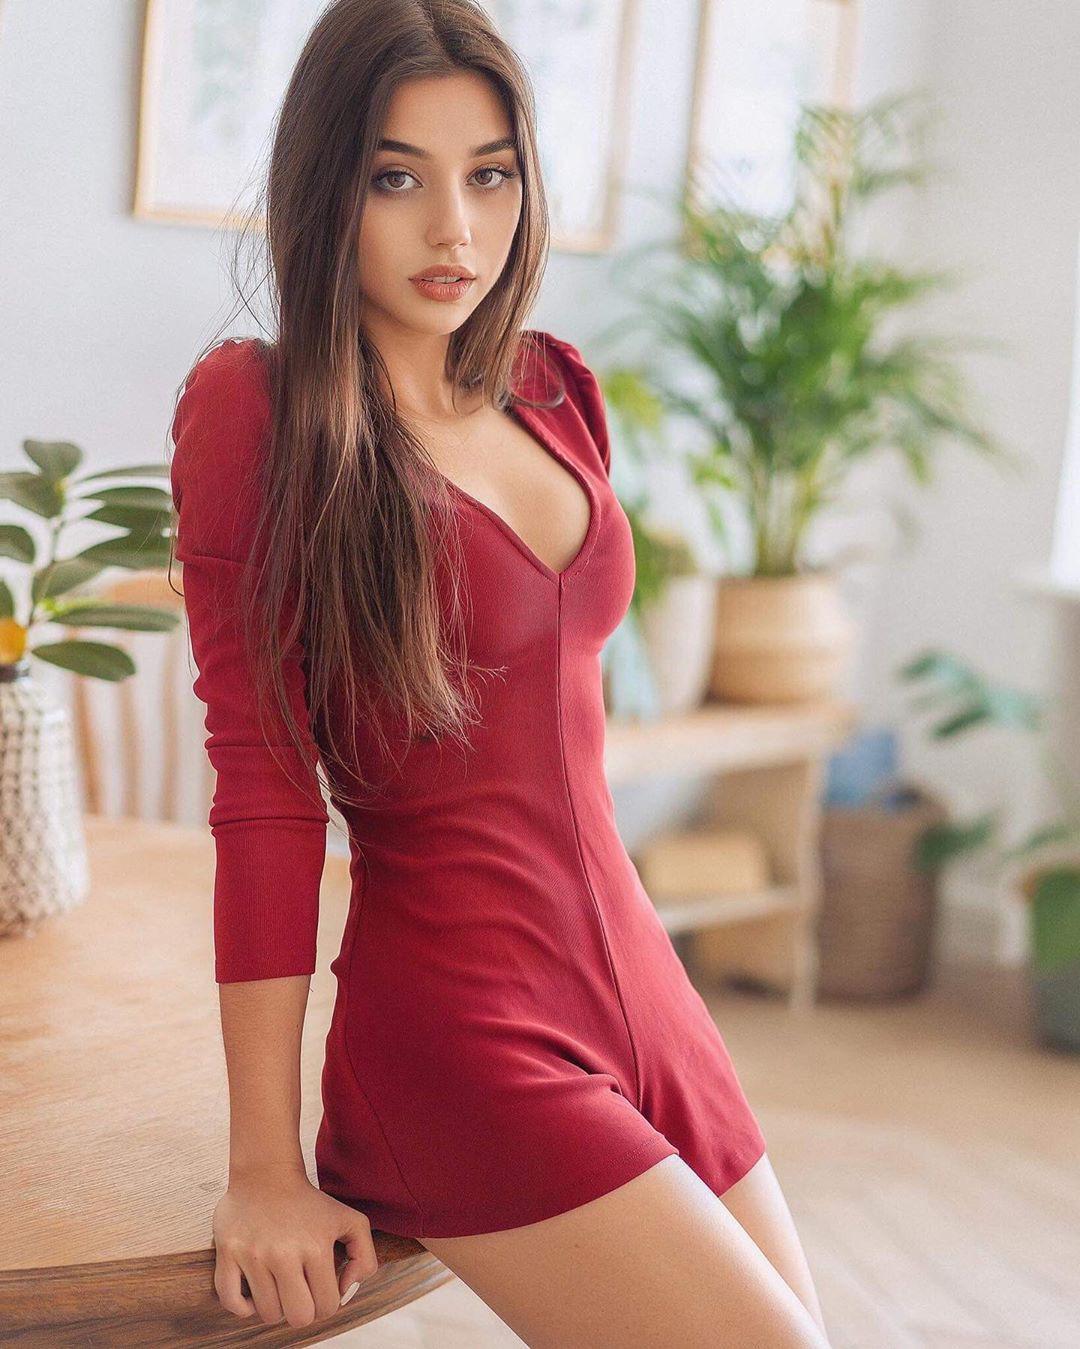 Maja Strojek female thighs, hot legs, Long Hair Cut Women